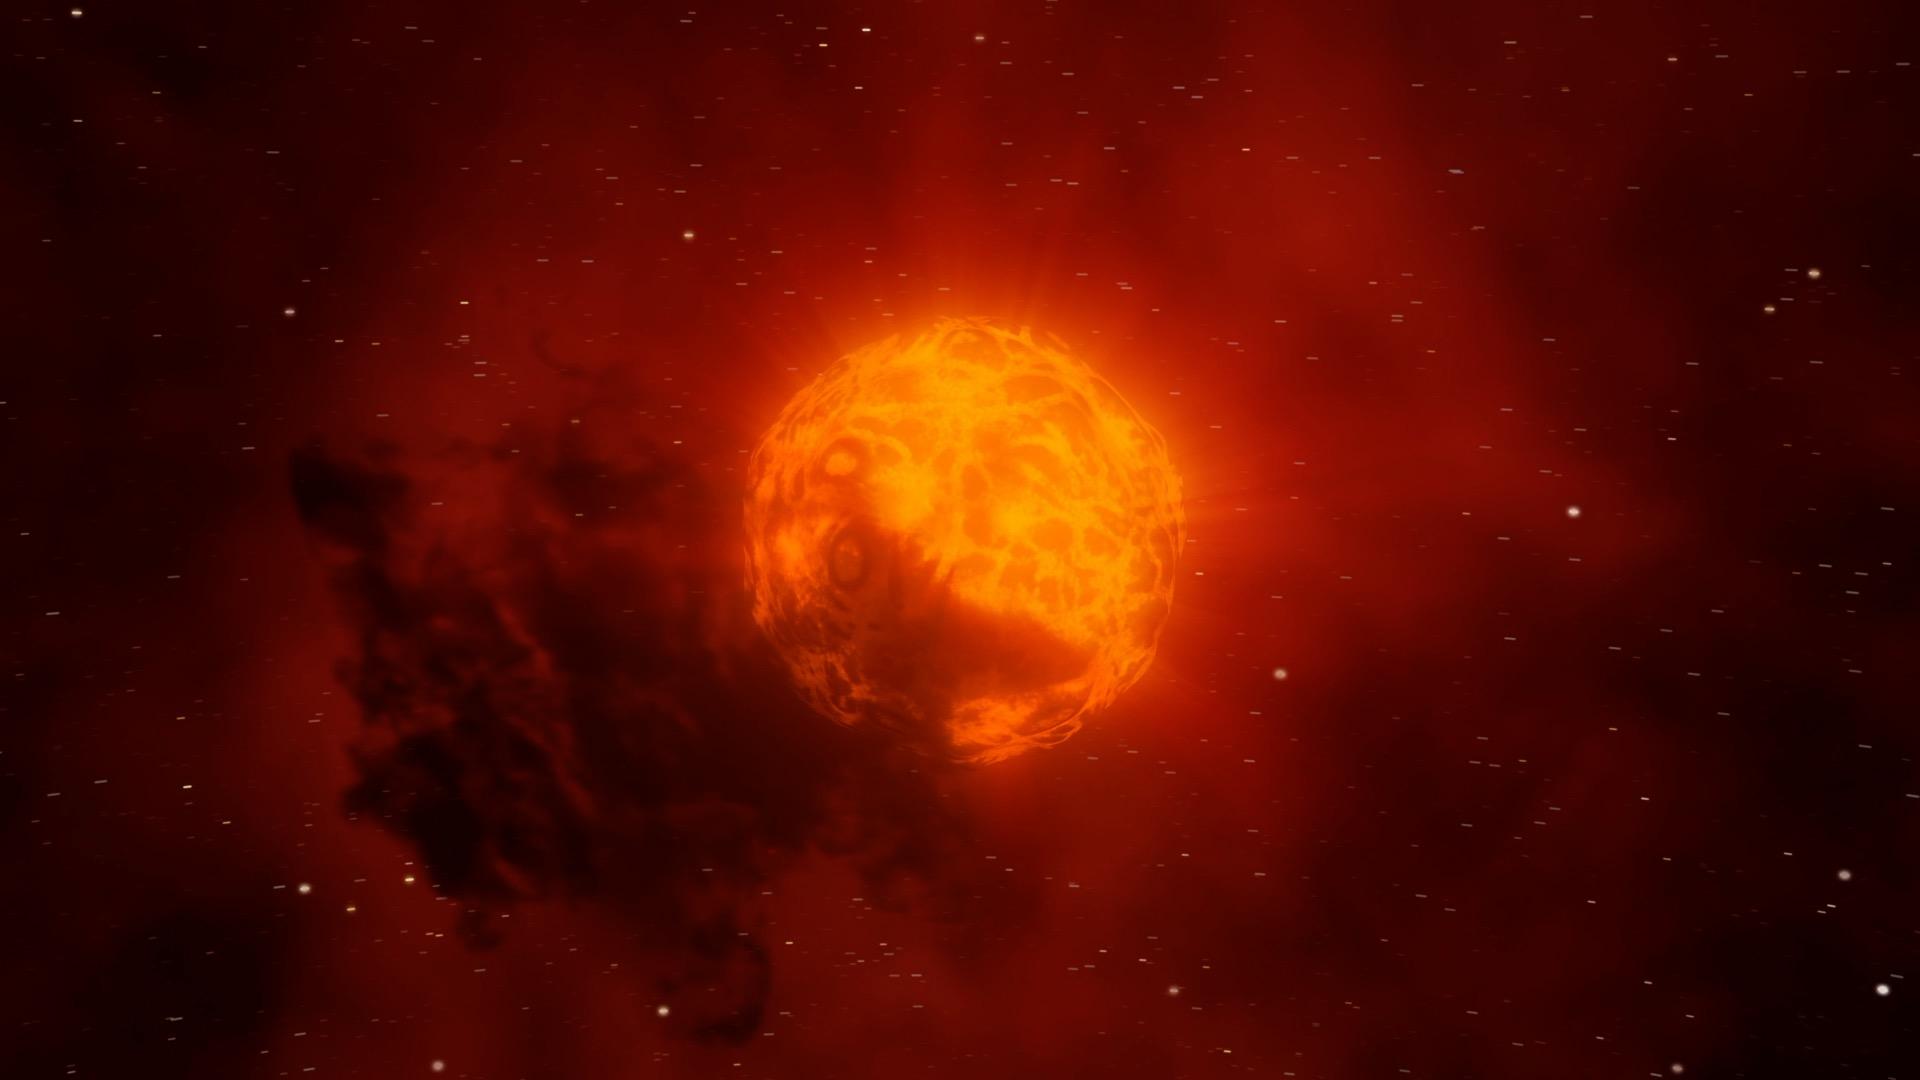 Le mystère de la perte de luminosité de l'étoile Bételgeuse est enfin résolu